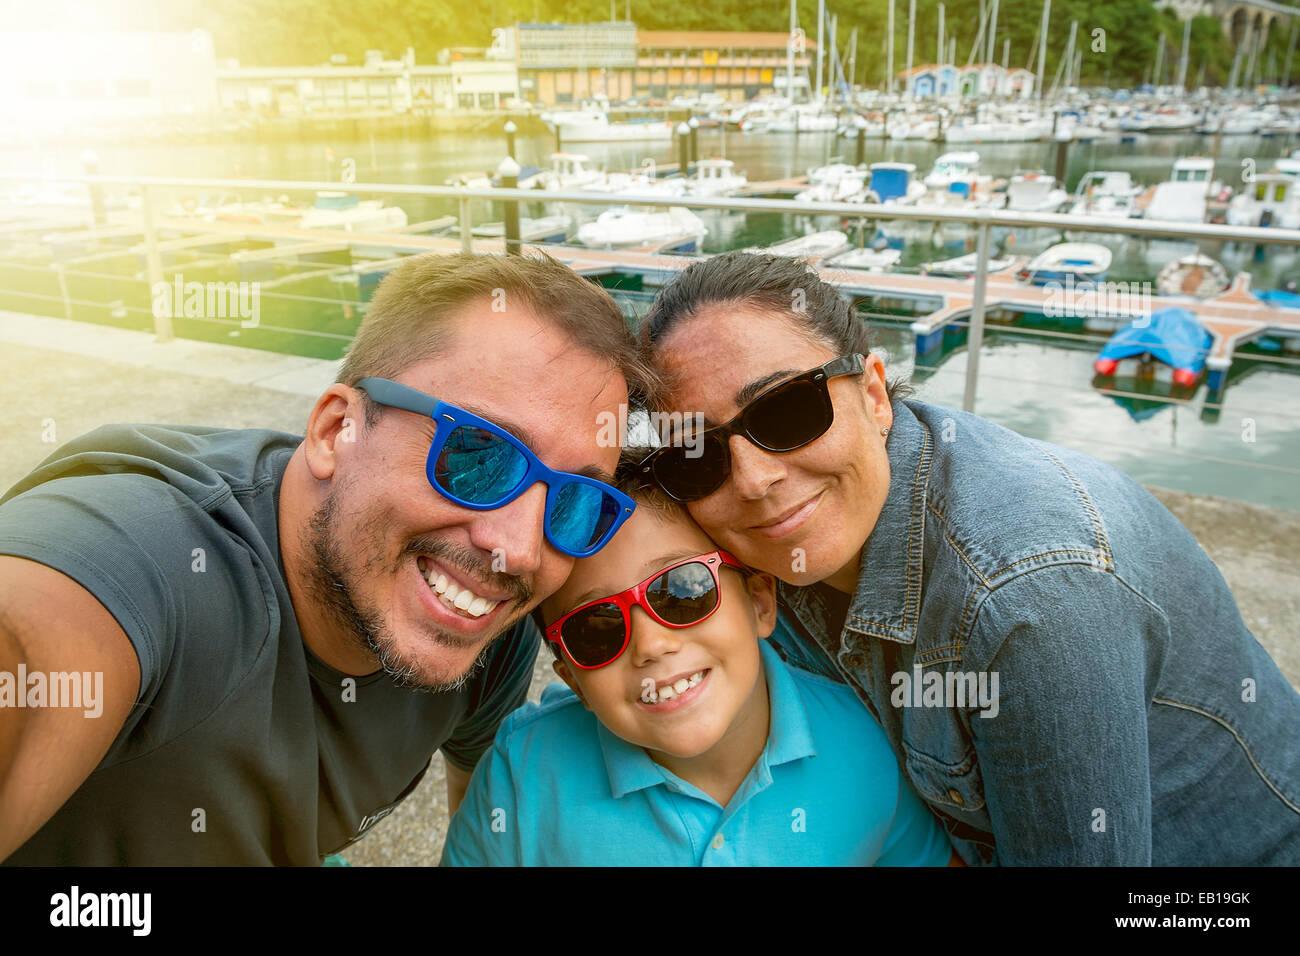 Familia divirtiéndose con gafas de sol y saludando a una cámara tomando selfie fotografía en vacaciones Imagen De Stock